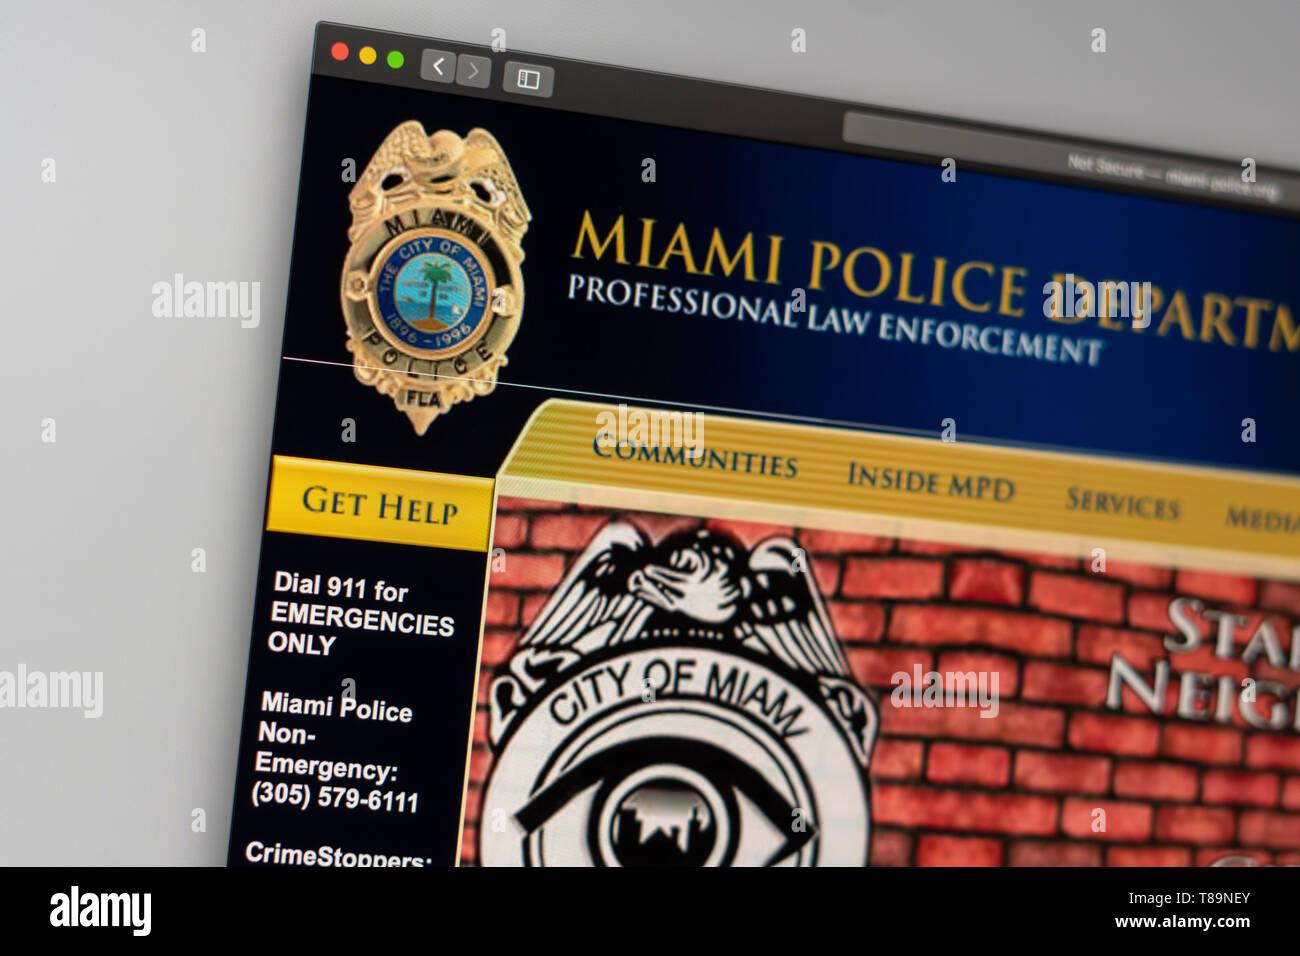 Miami News Stock Photos & Miami News Stock Images - Alamy